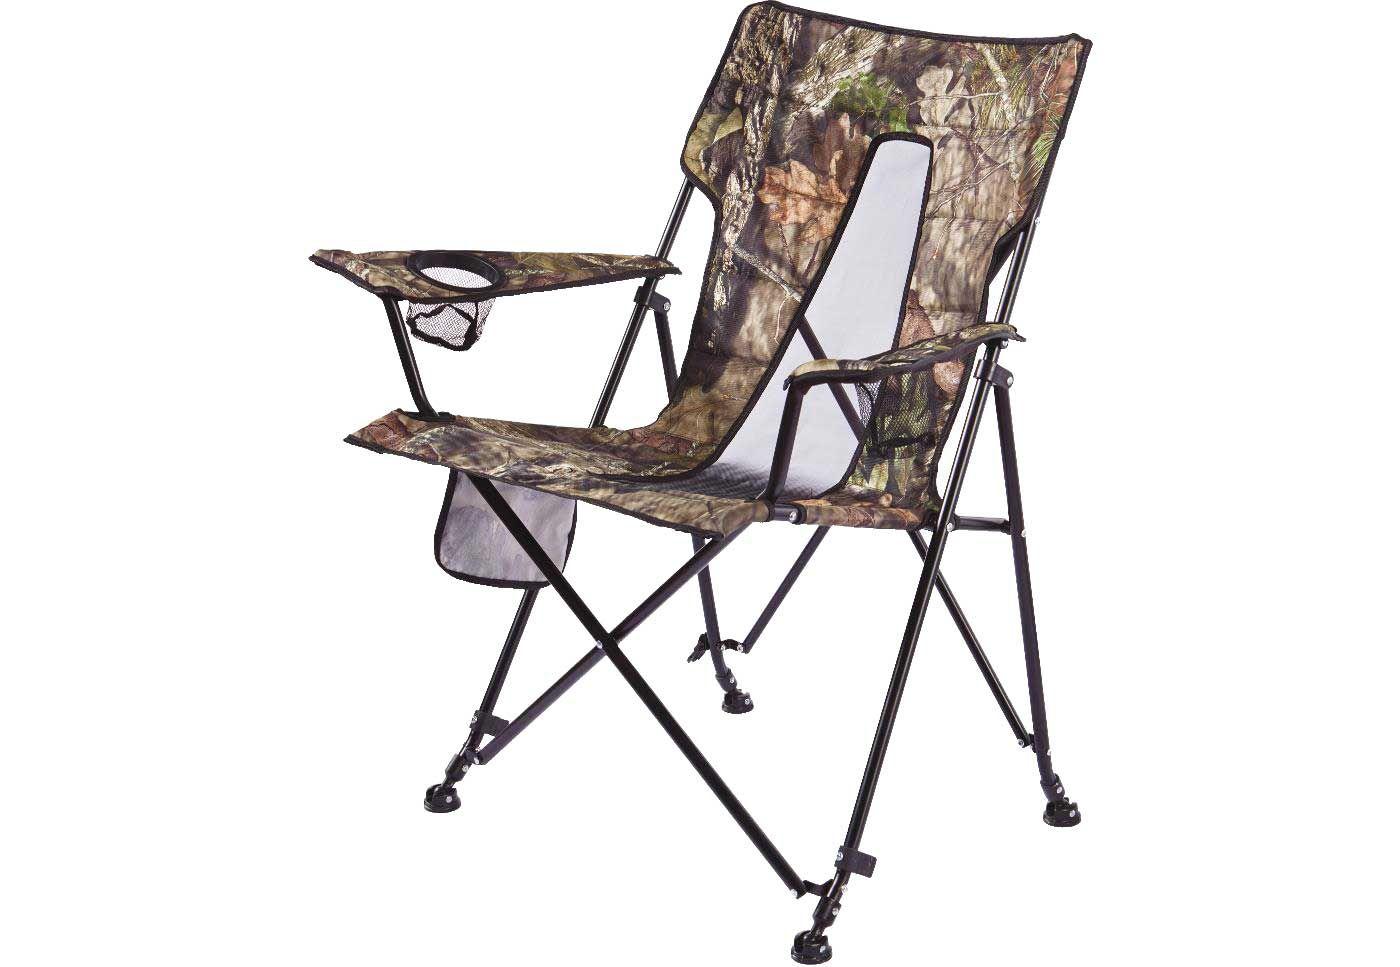 Field & Stream All Terrain Camp Chair